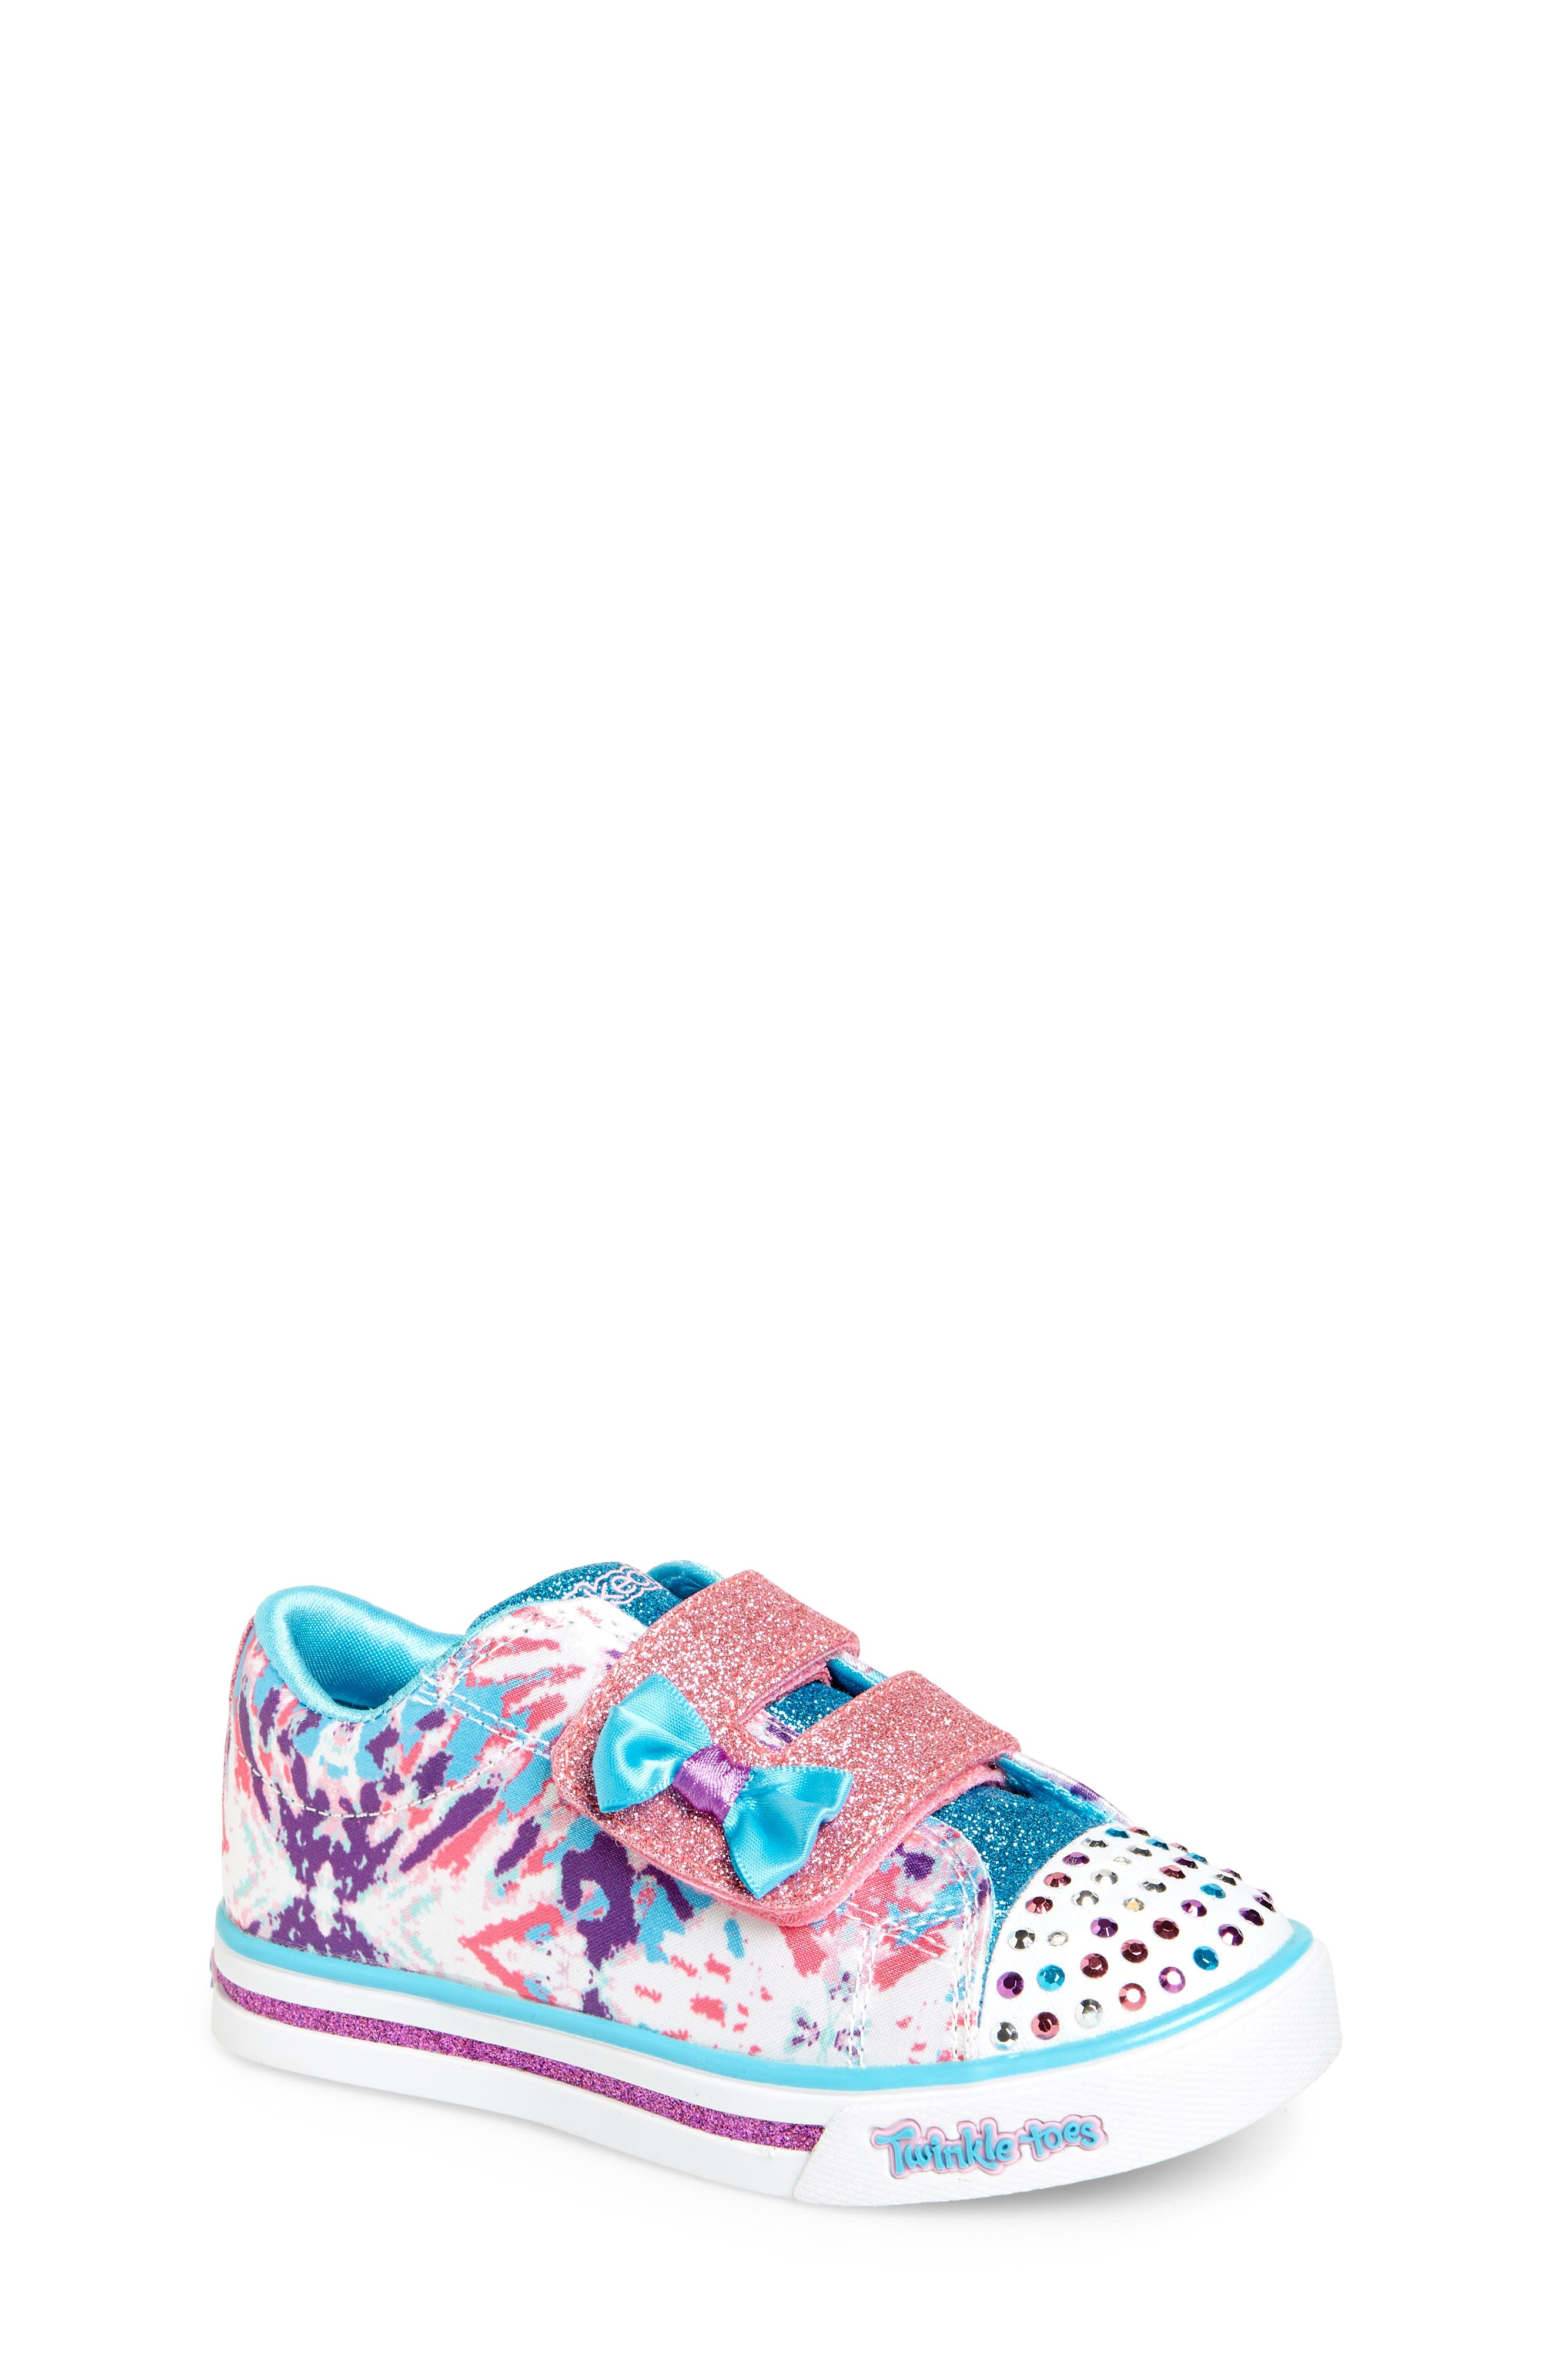 Sparkle Glitz Lil Dazzle Sneaker,                         Main,                         color, White/ Multi